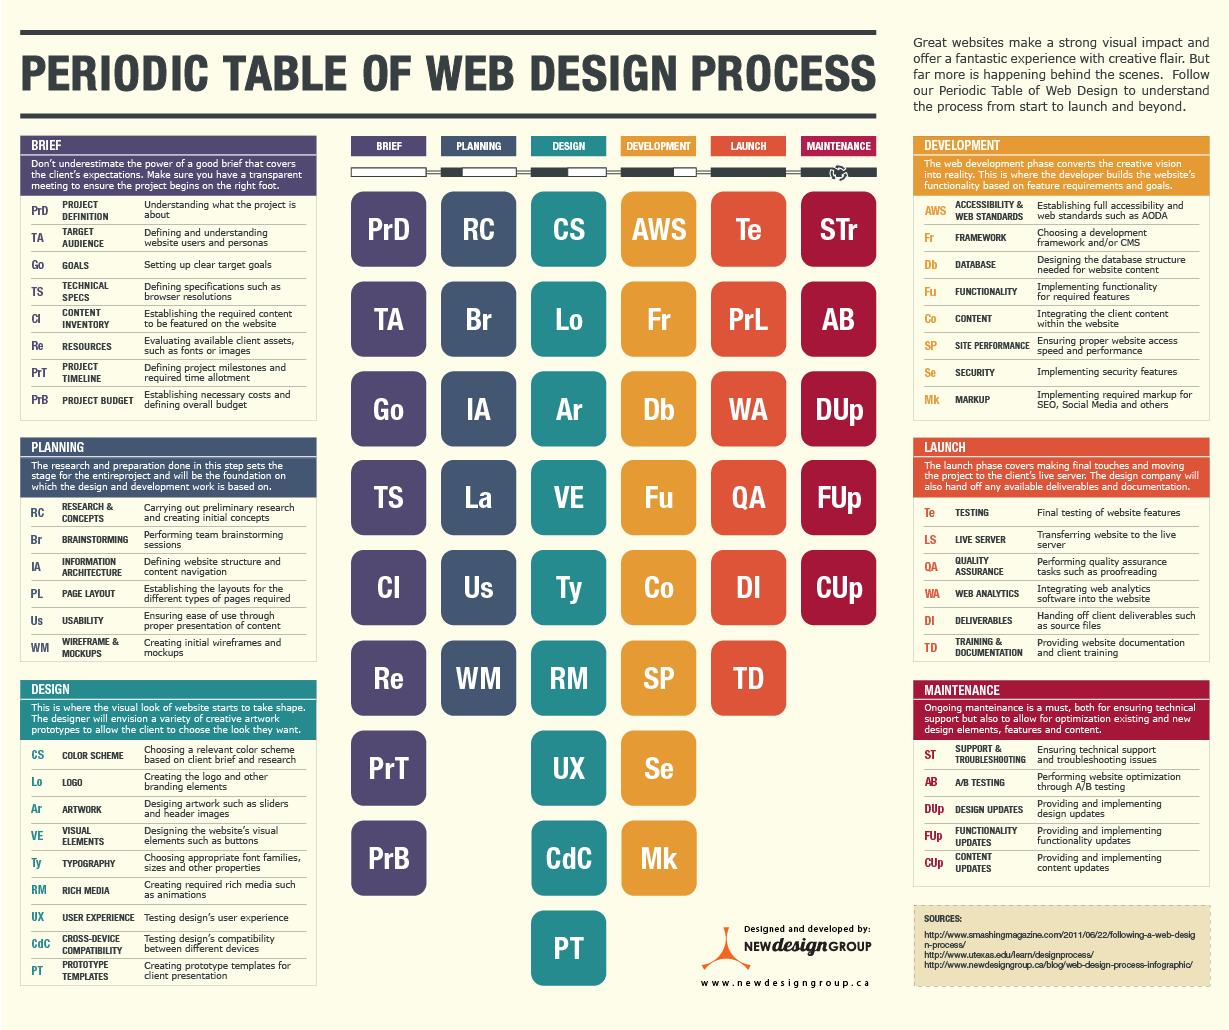 Tabla periódica de los procesos de diseño web